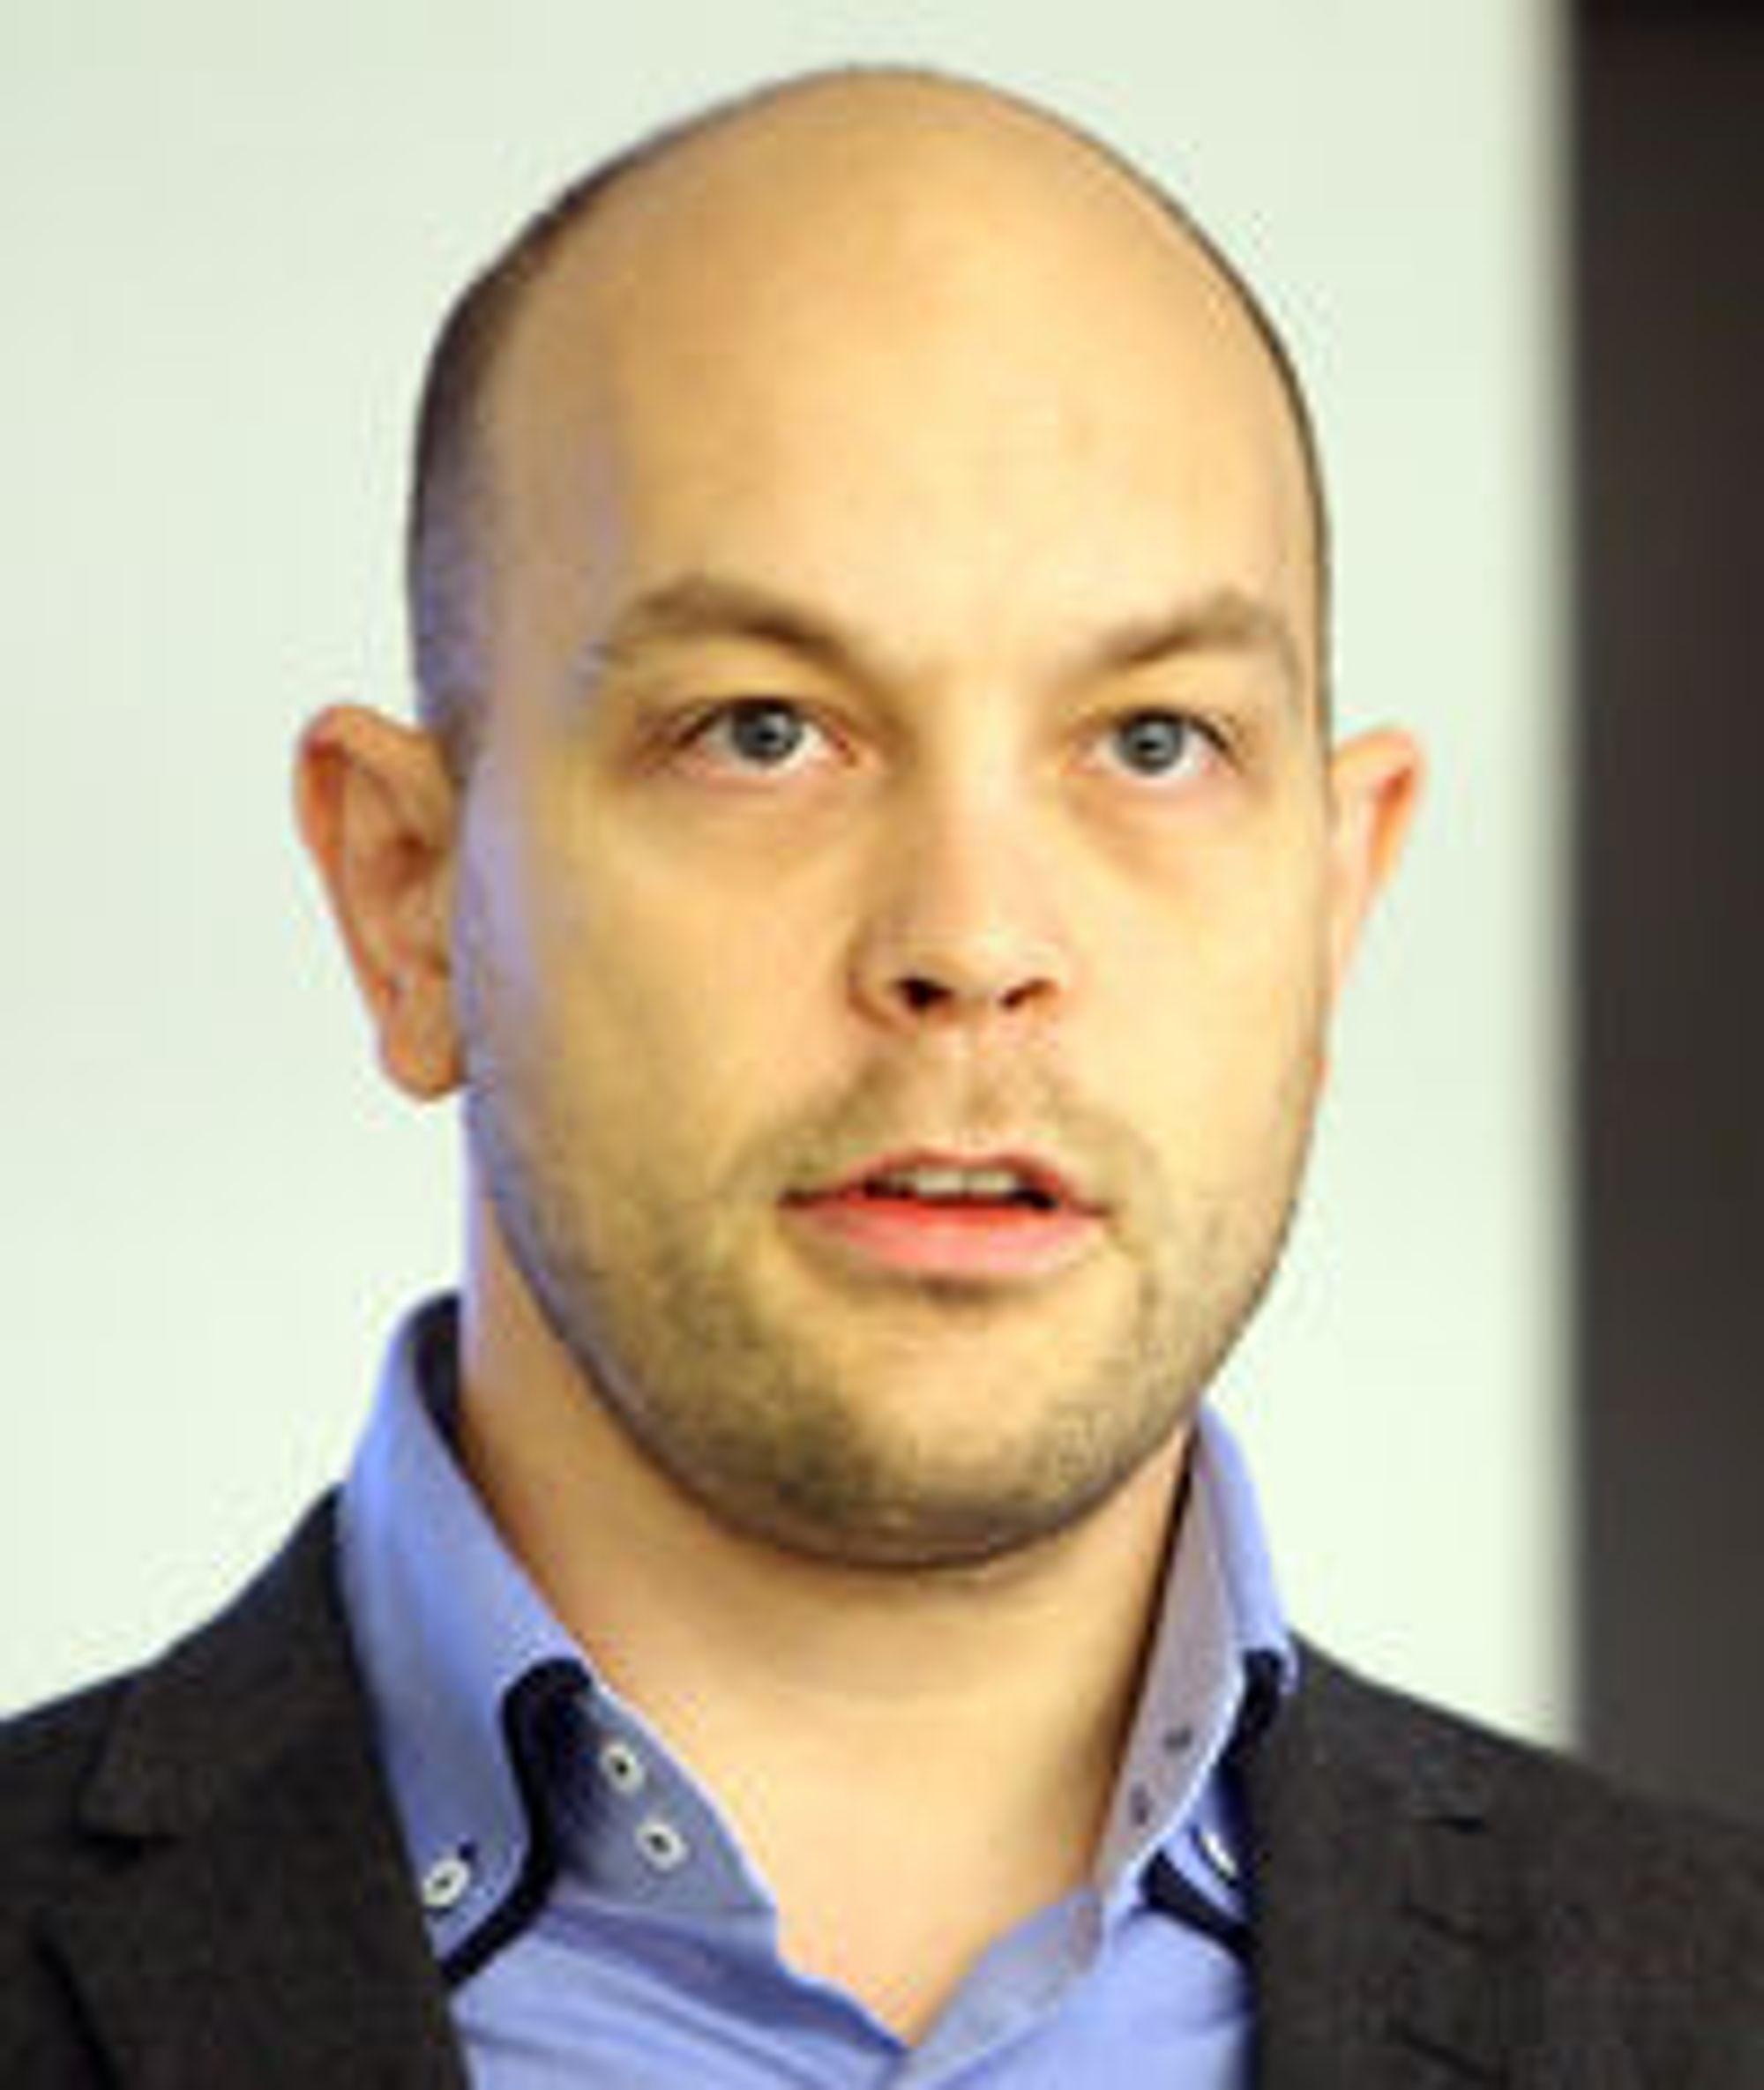 Opprykk: Børge Hansen blir ny teknologidirektør i Microsoft Norge etter Petter Merok.